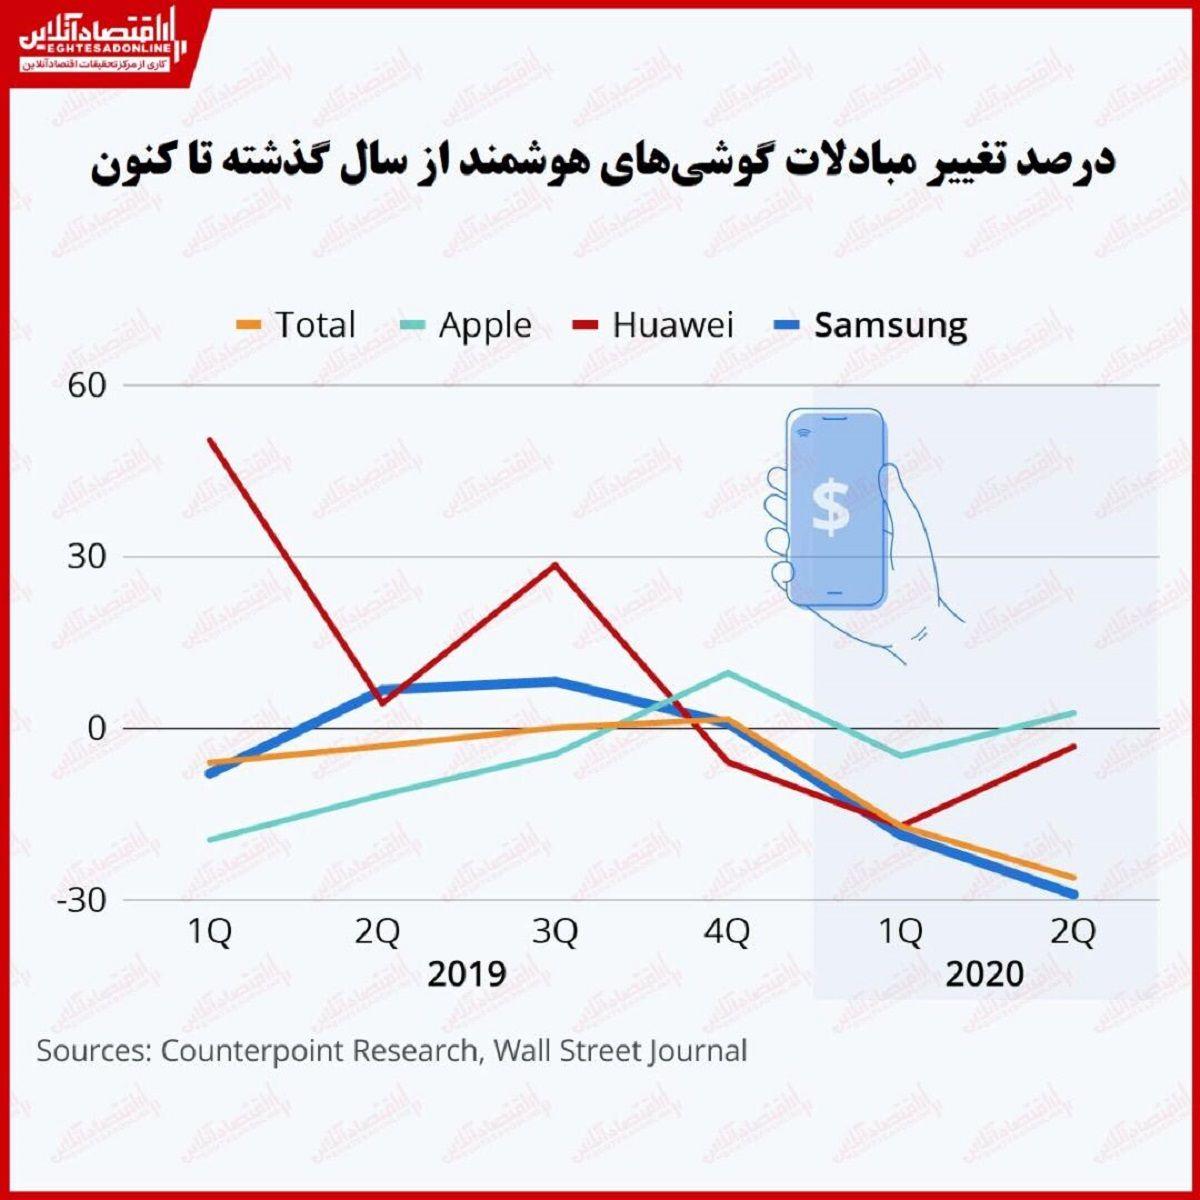 چرا سامسونگ مجبور به کاهش قیمت گوشیهای خود شد؟/ پیشتازی اپل در مبادلات تلفنهای هوشمند